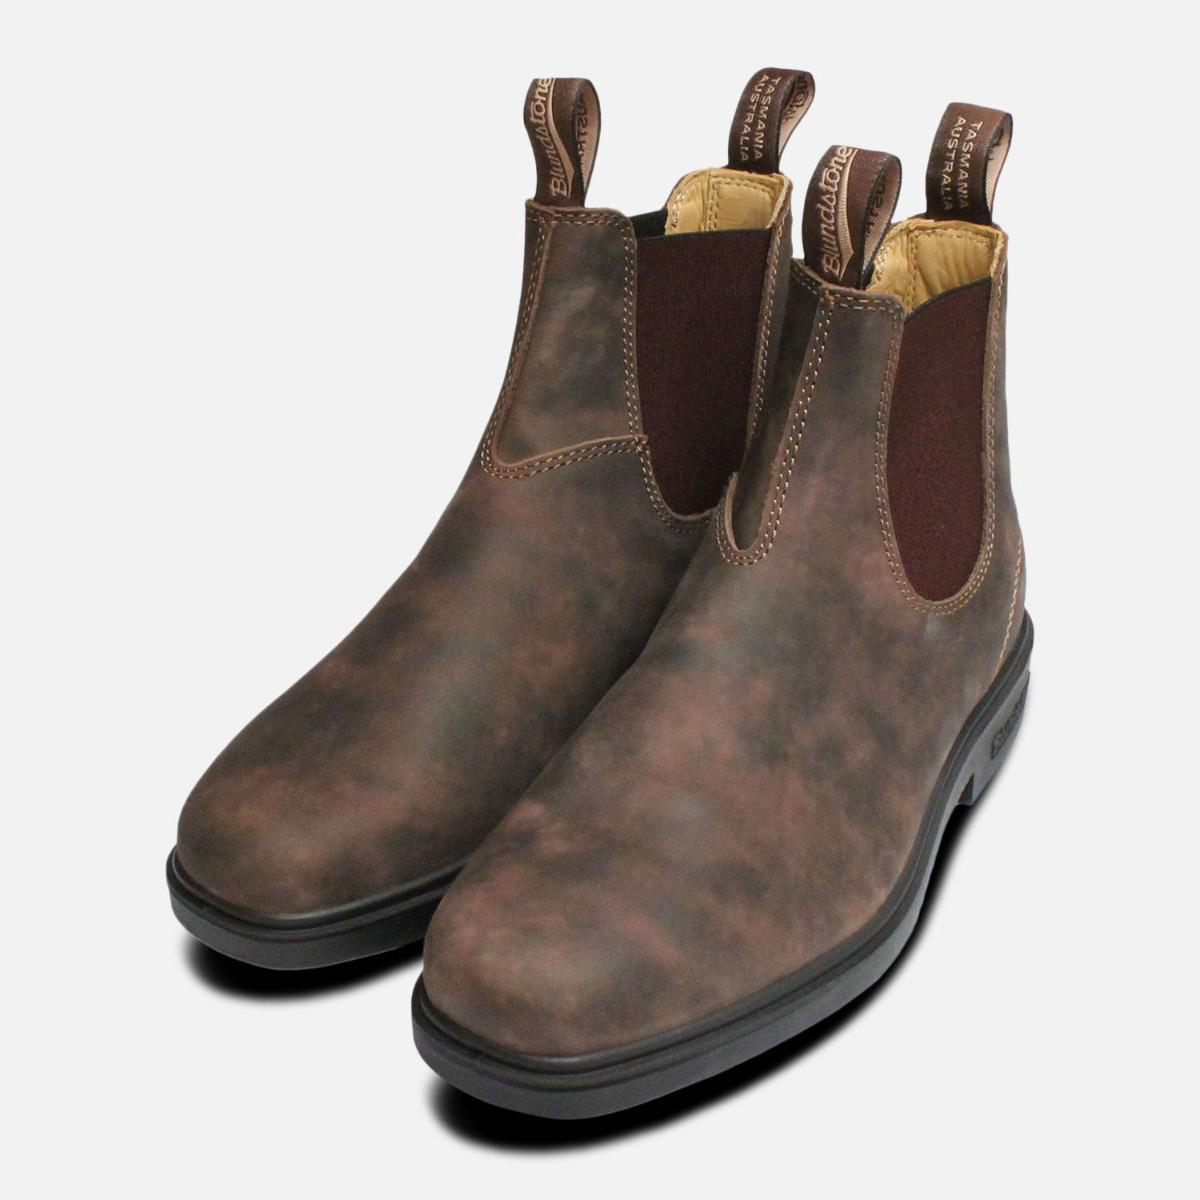 selezione migliore 2a61b d734e Dettagli su Punta Quadrata 1306 Rustico Marrone da Uomo Blundstone Boots